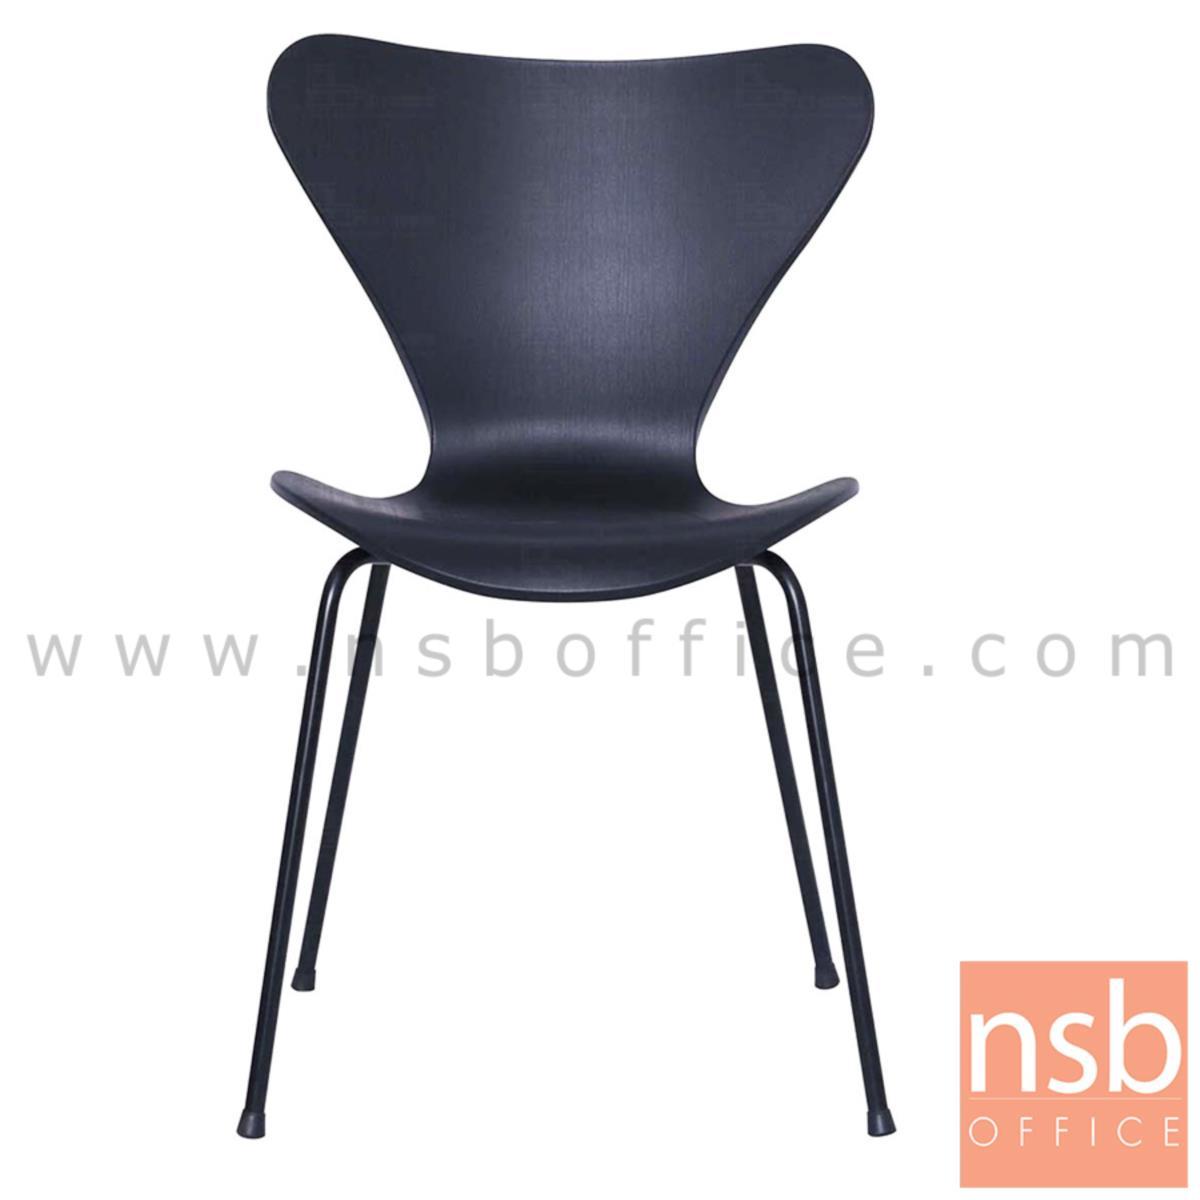 เก้าอี้โมเดิร์นเฟรมโพลี่ รุ่น Ghana (กาน่า)  โครงขาเหล็ก